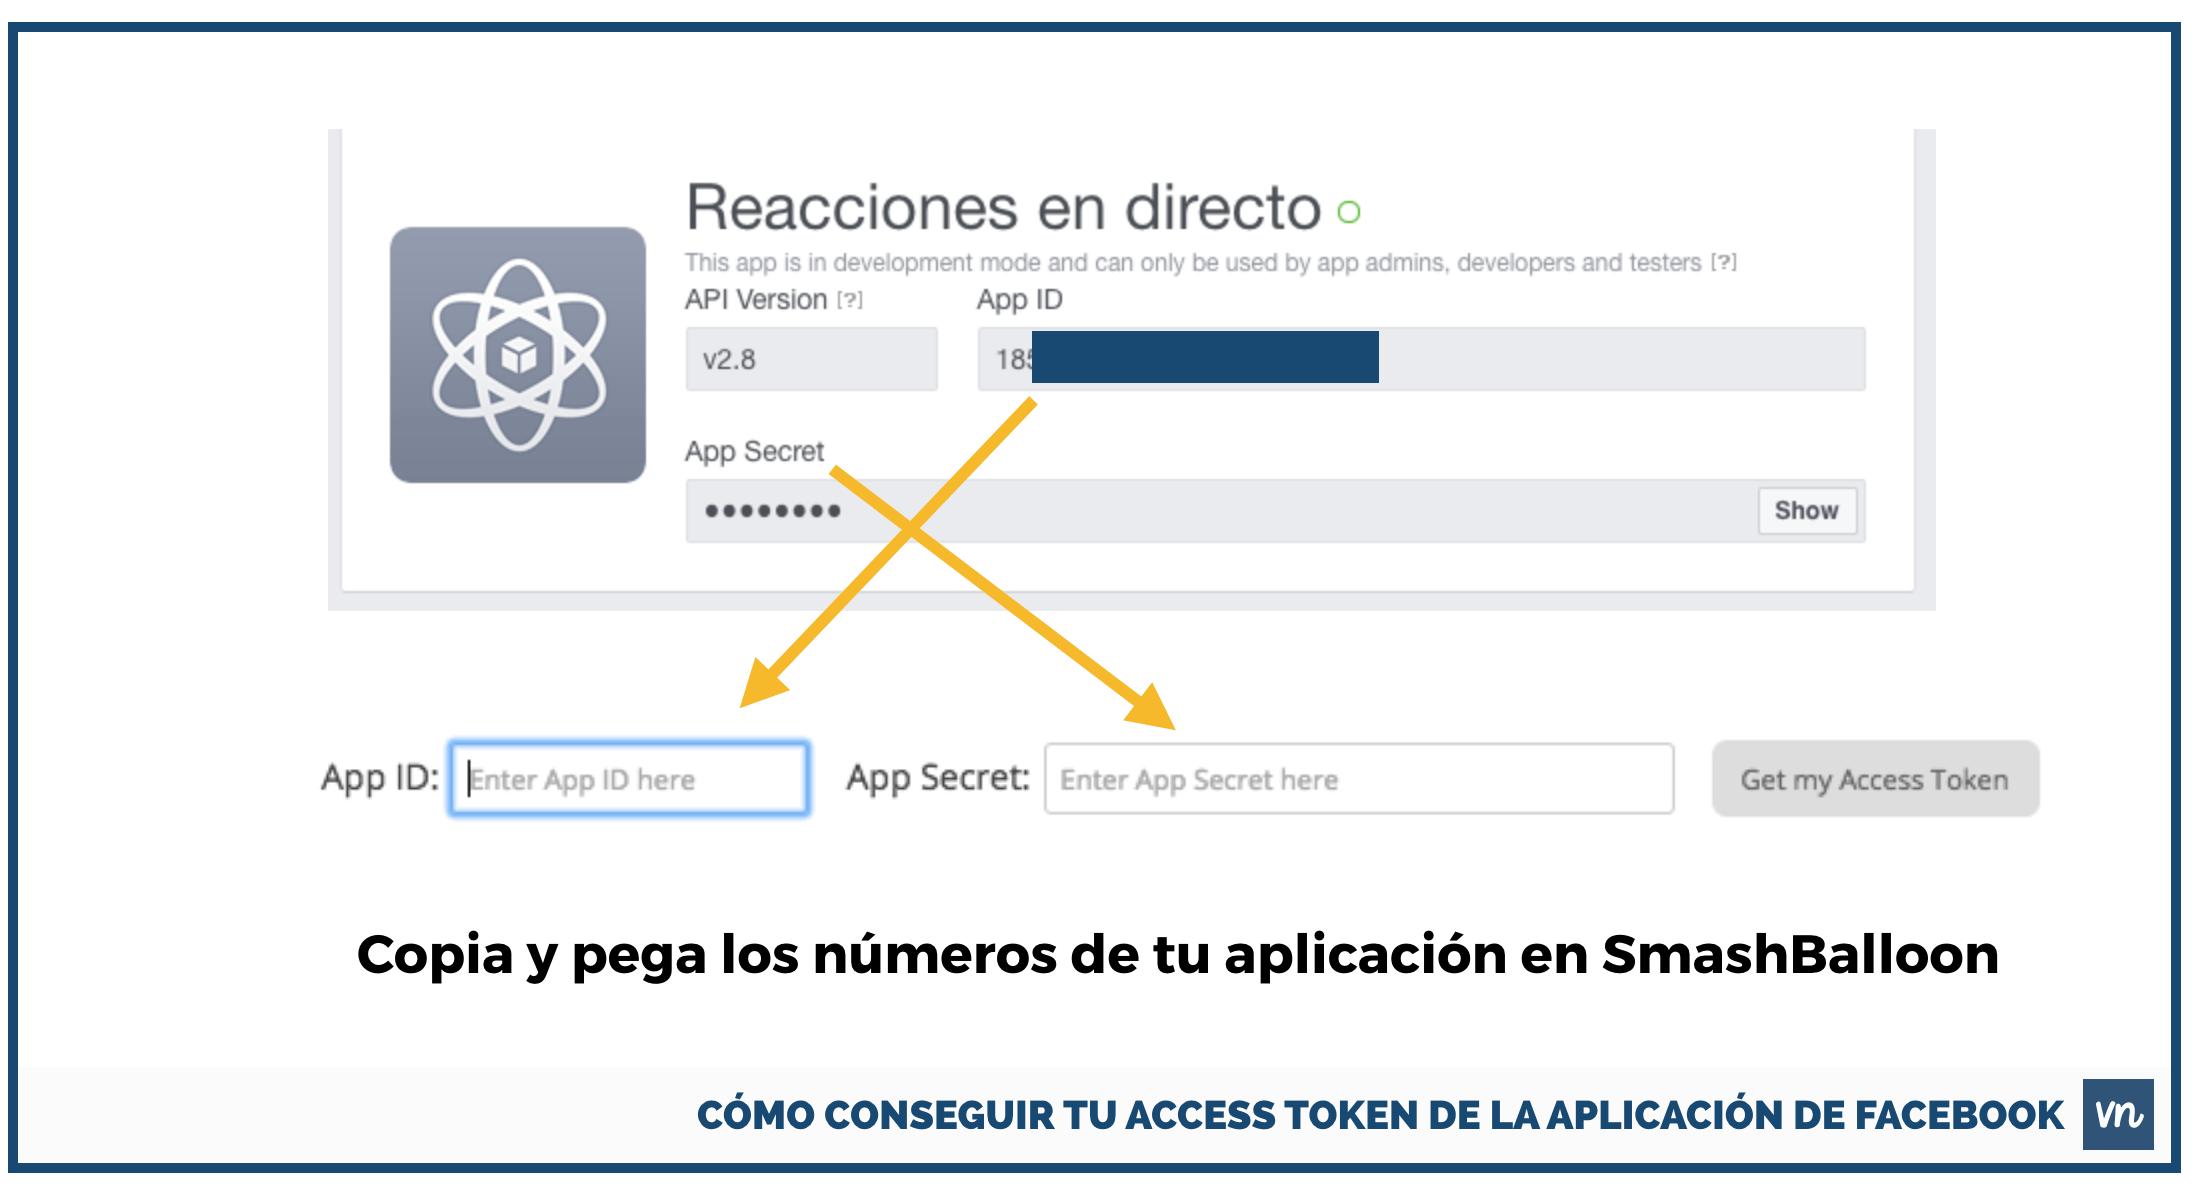 como-conseguir-tu-access-token-de-la-app-de-facebook